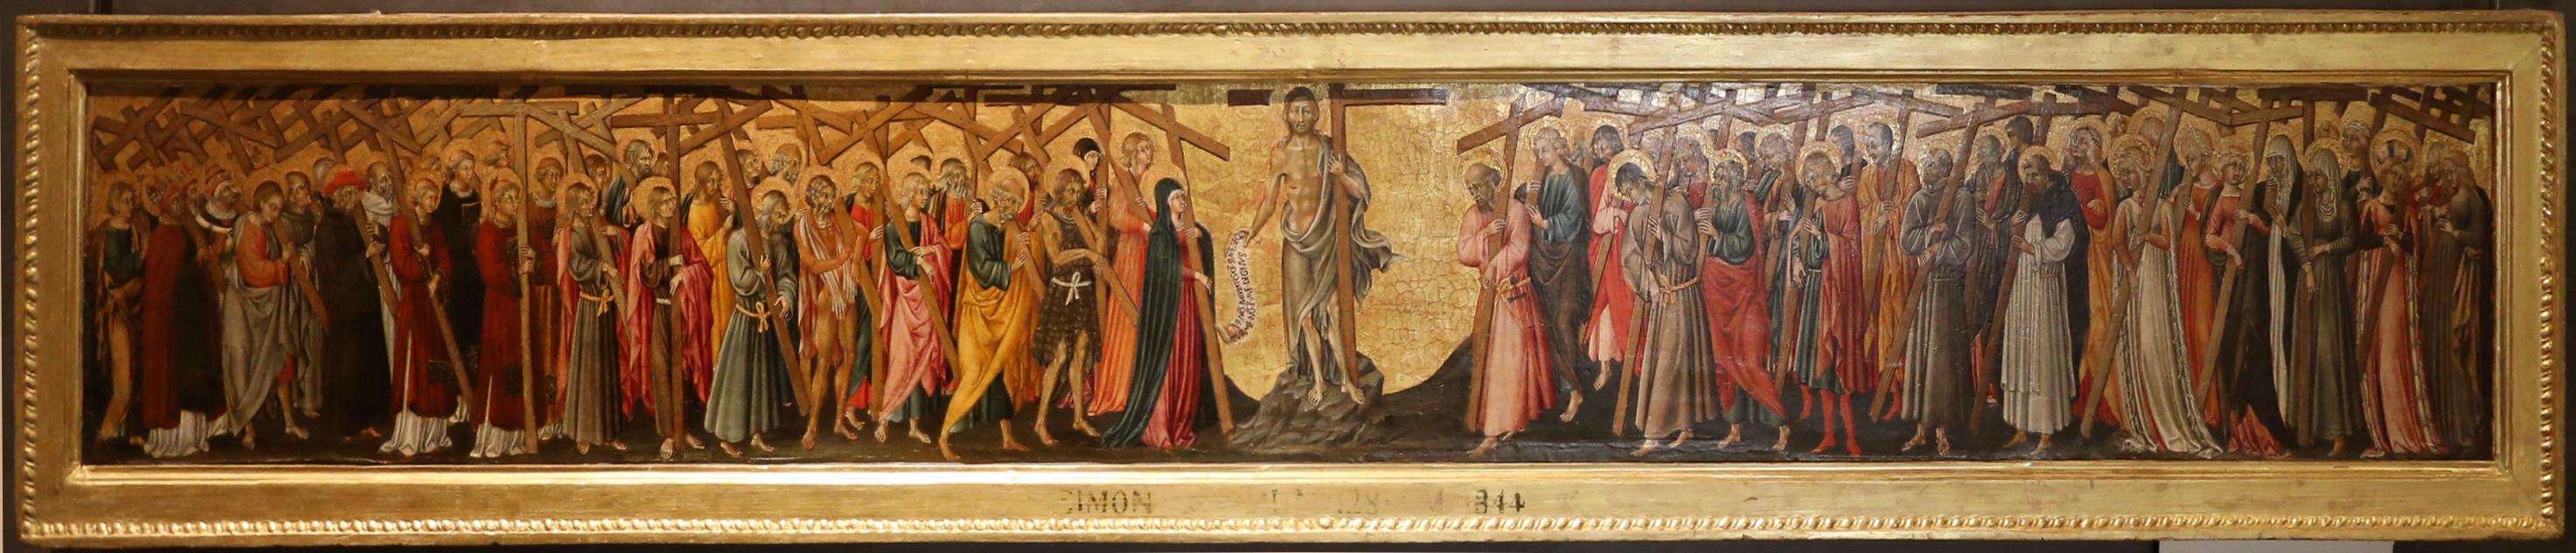 Giovanni di paolo, cristo e santi portacroce, 01 - Sailko - Parma (PR)